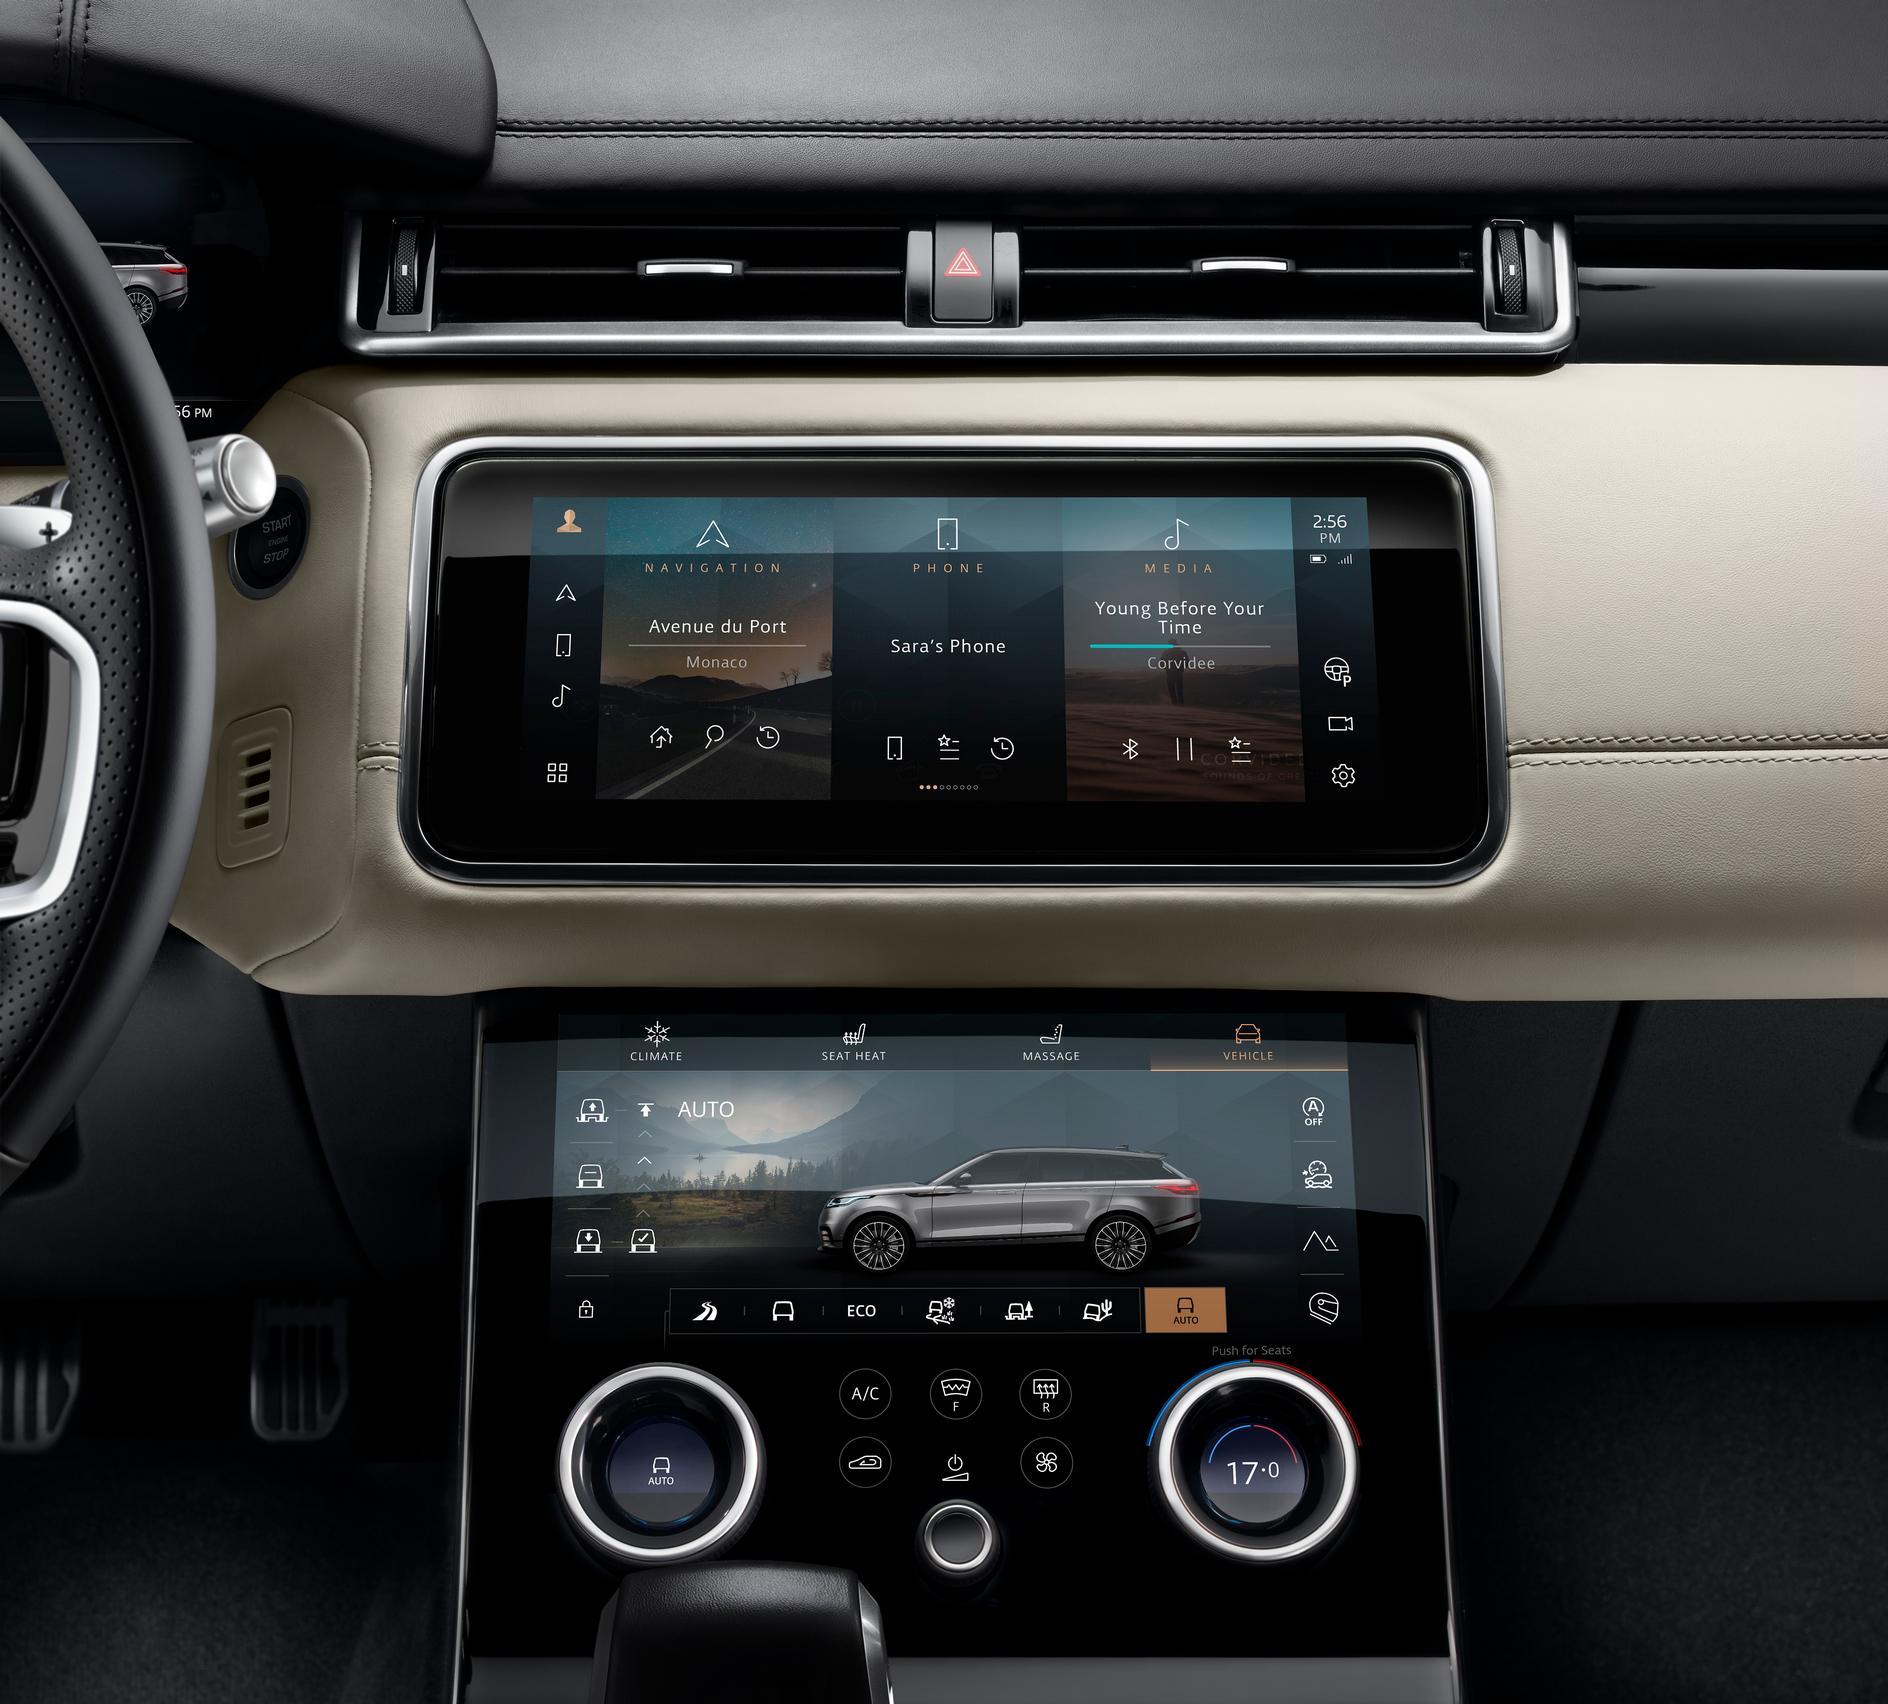 2021 Range Rover Velar Screens